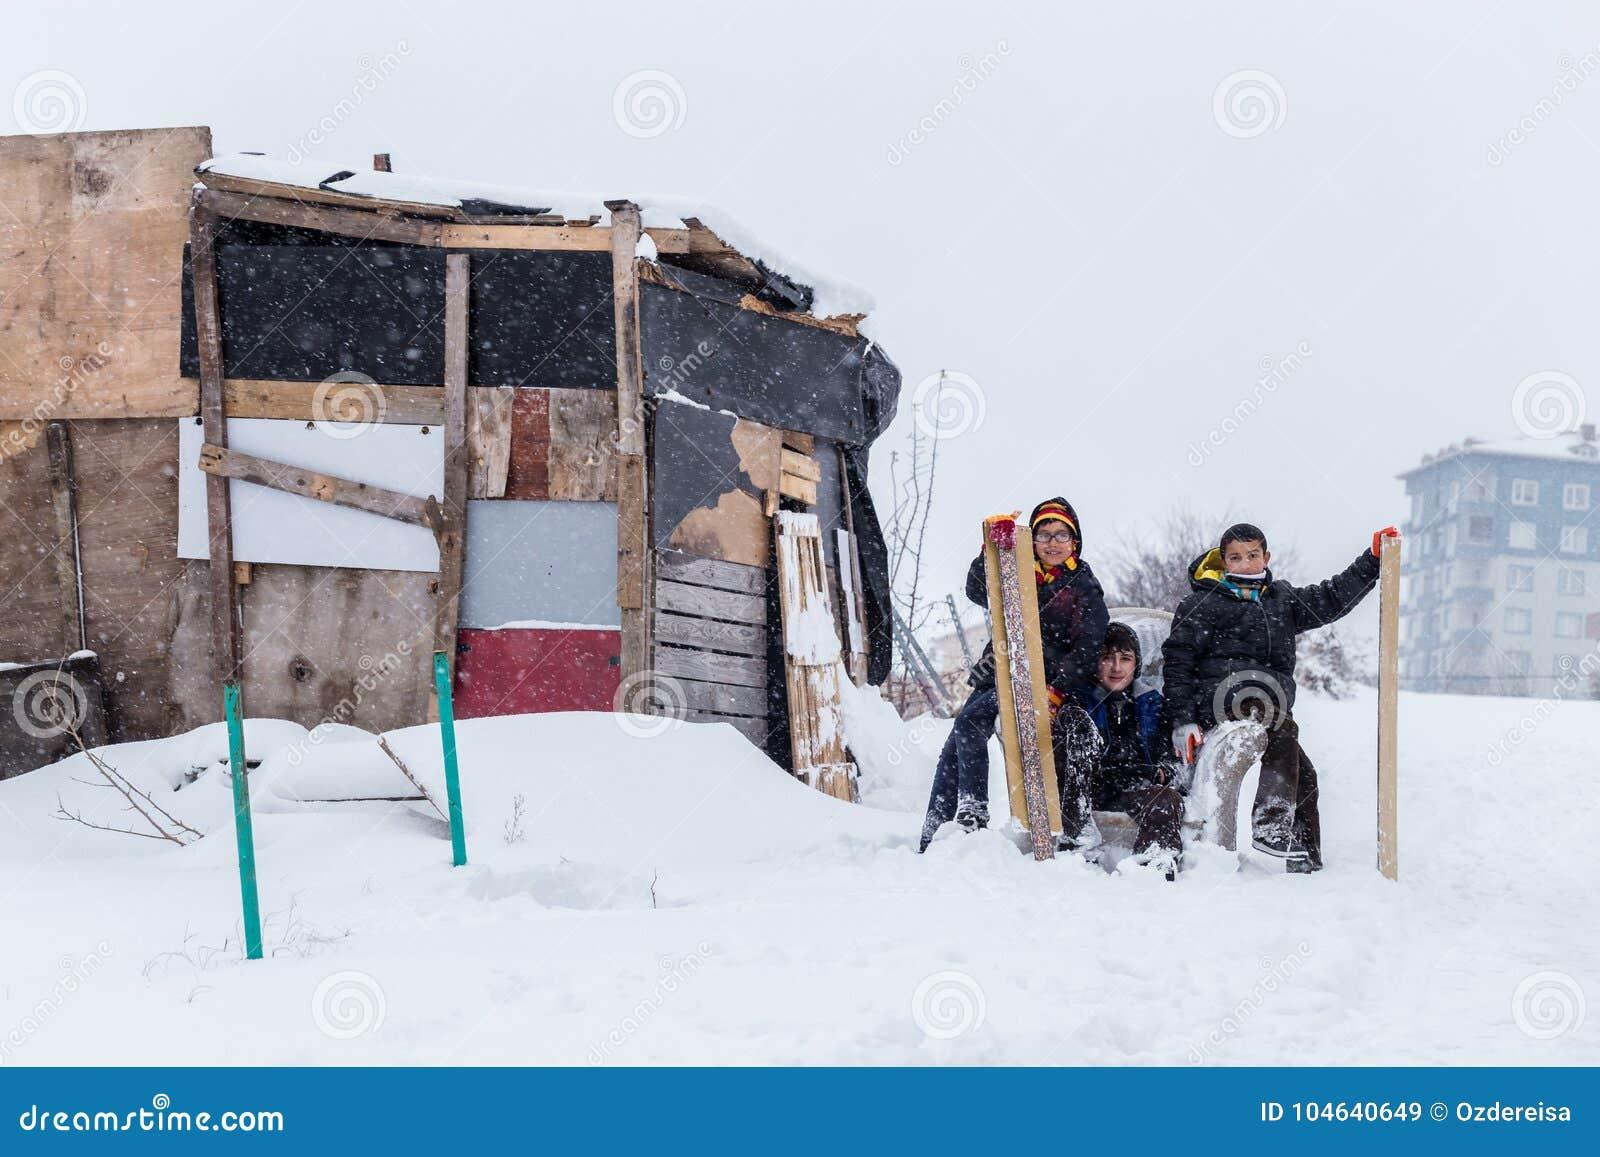 Download De Kinderen Glijden Op Sneeuw In Oude Schoolstijl Met Hardhout Redactionele Stock Afbeelding - Afbeelding bestaande uit vrolijkheid, sneeuw: 104640649